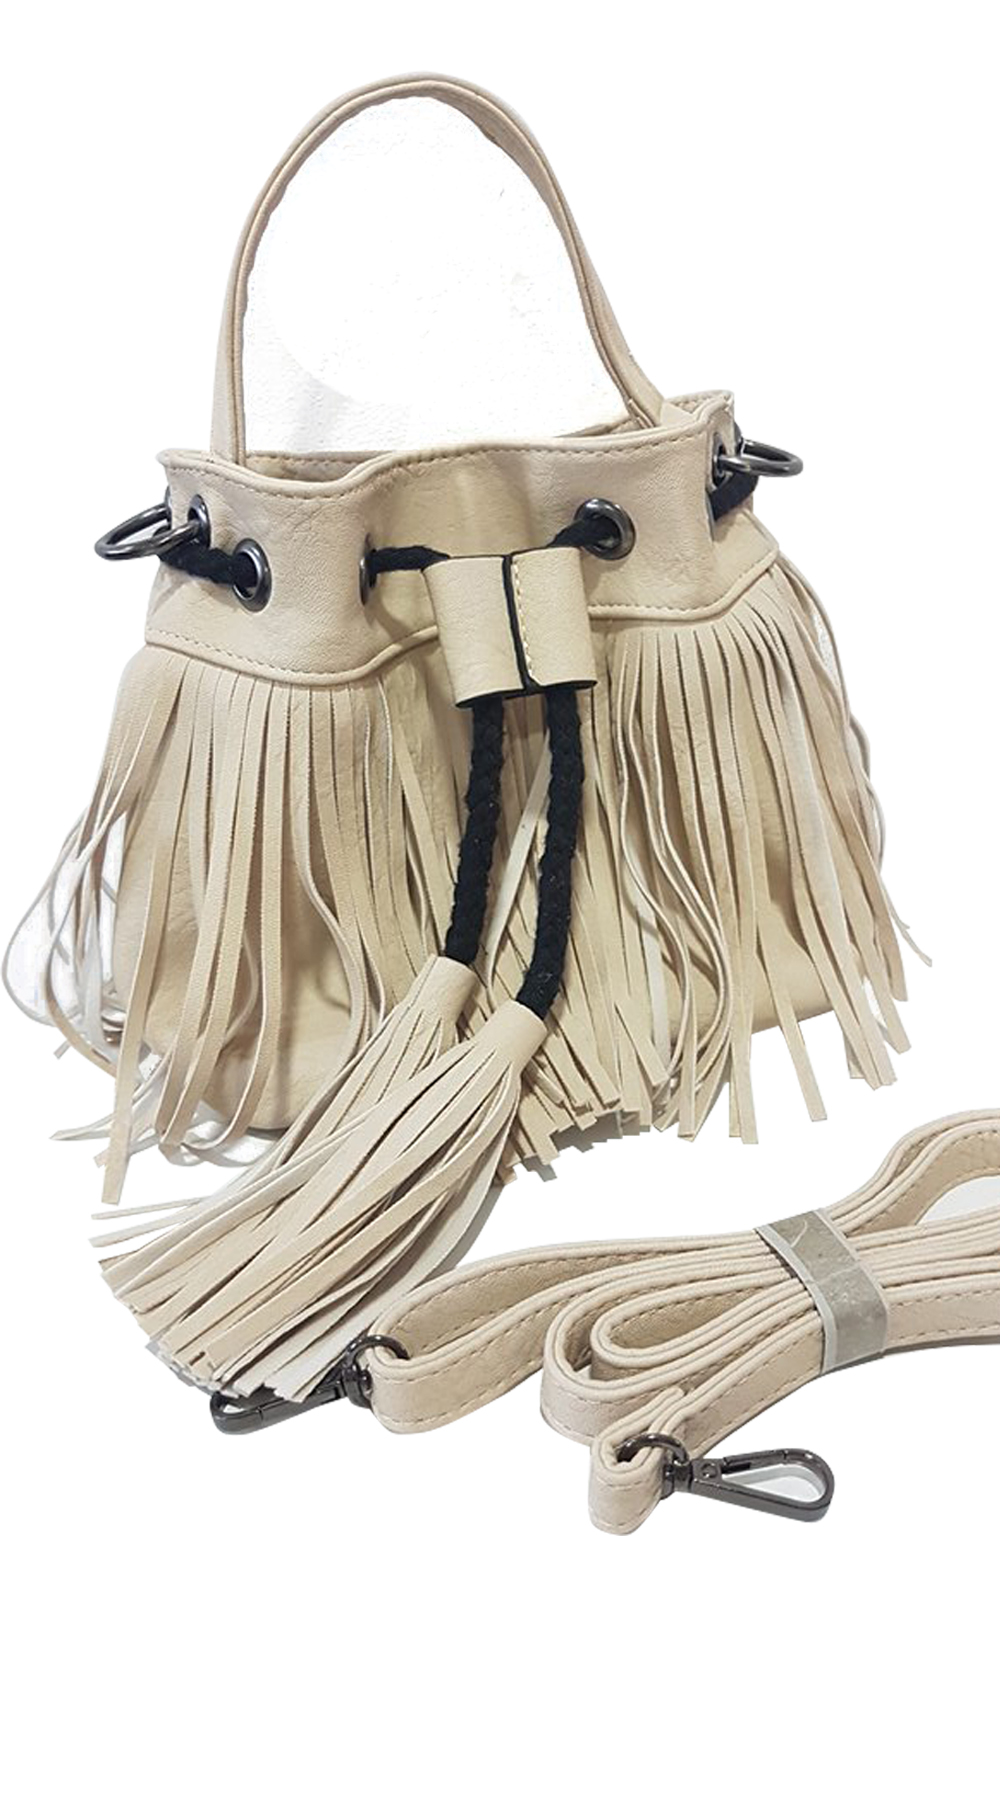 7410325294 Γυναικεία τσάντα πουγκί boho με κρόσσια